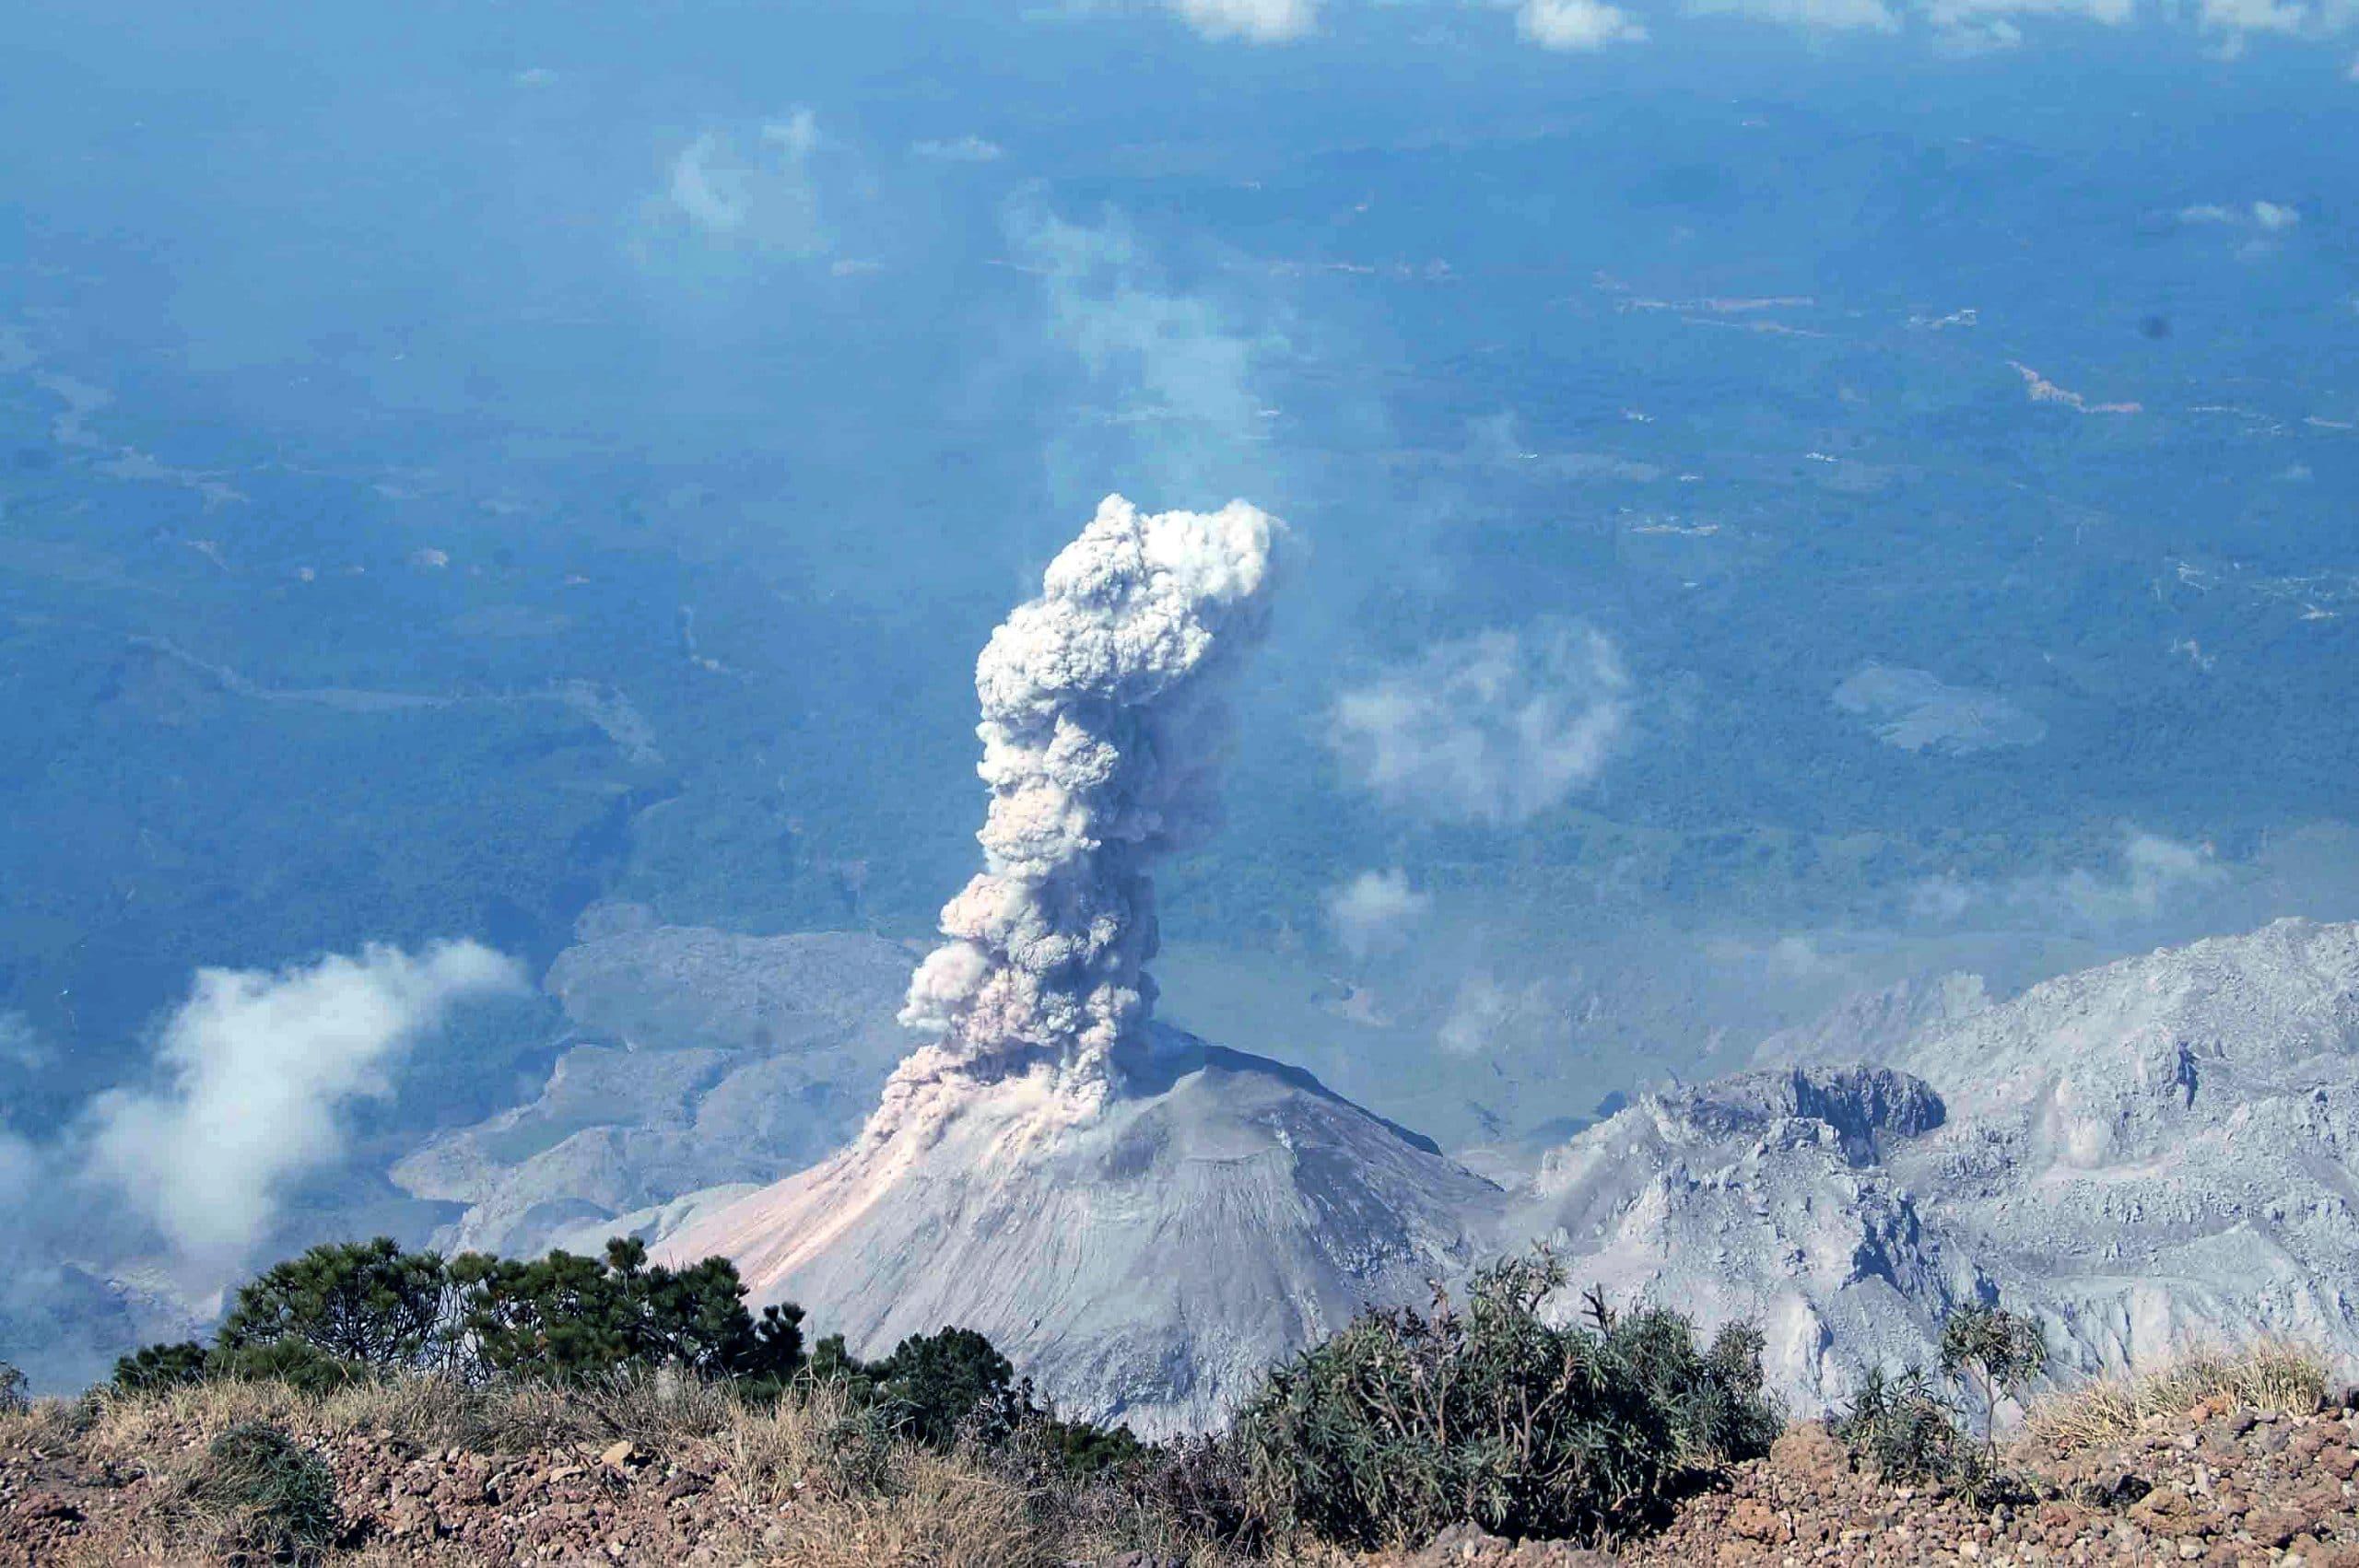 Las autoriades han hecho un llamado a la población para no ascender al volcán Santa María, por motivos de seguridad. (Foto: Carlos Ventura)